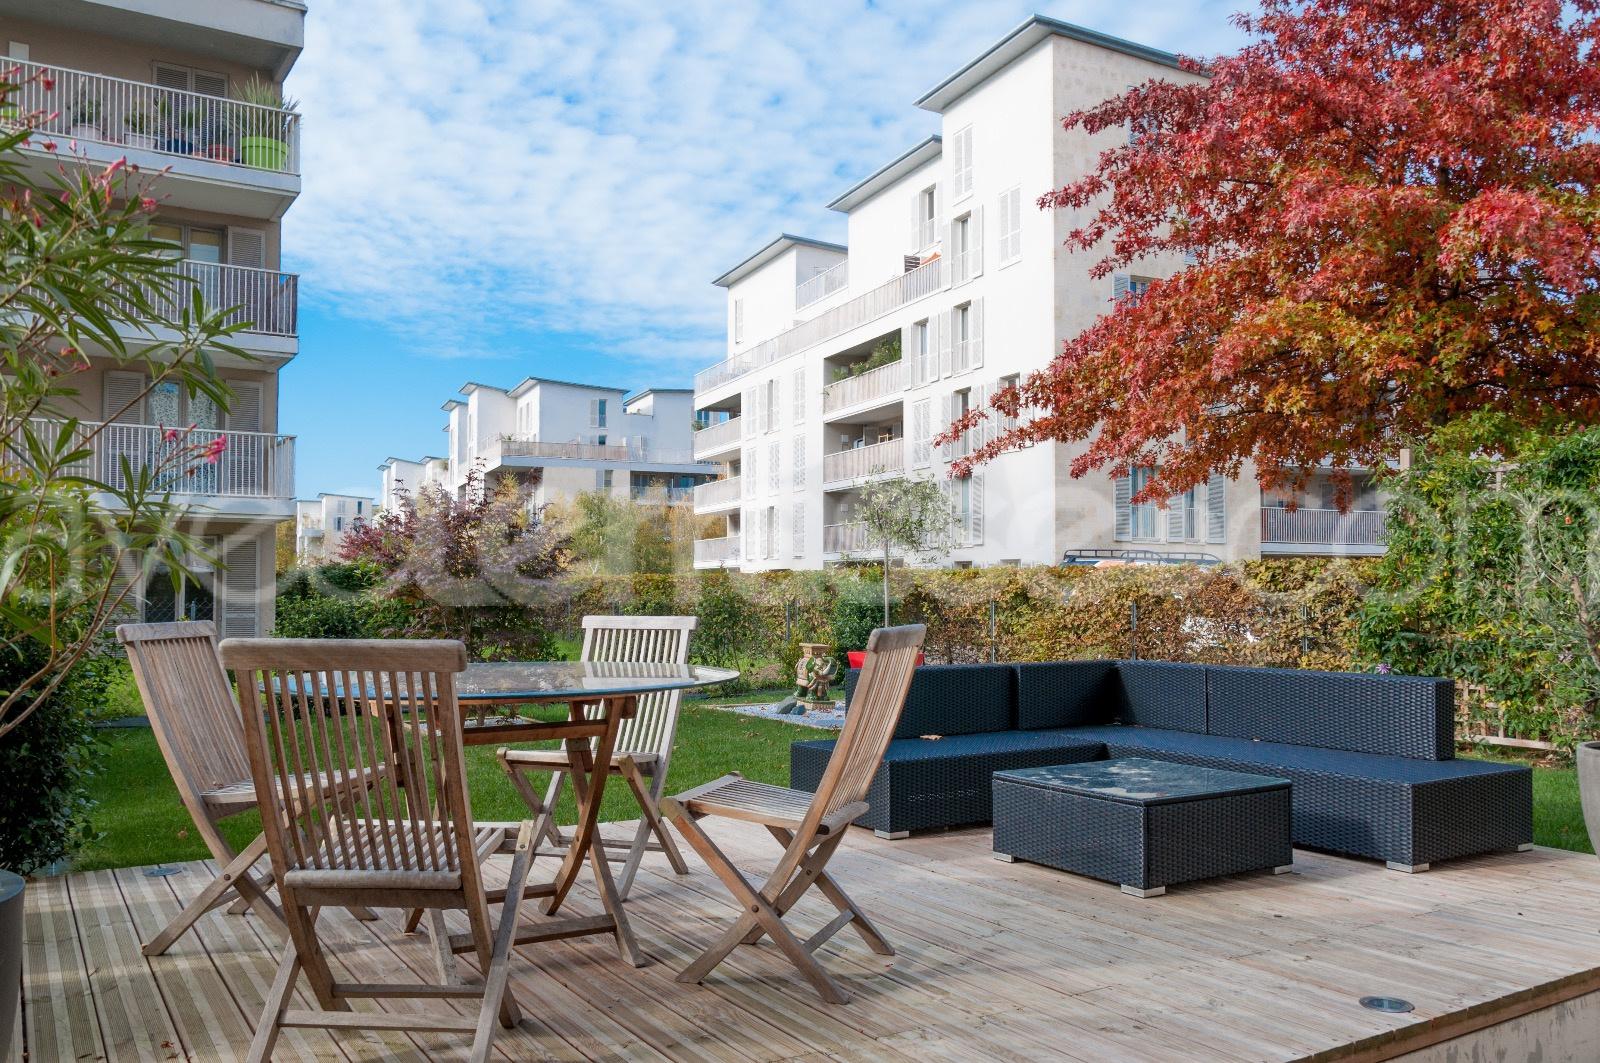 Vente bordeaux bacalan vente appartement t4 avec jardin for Appartement bordeaux